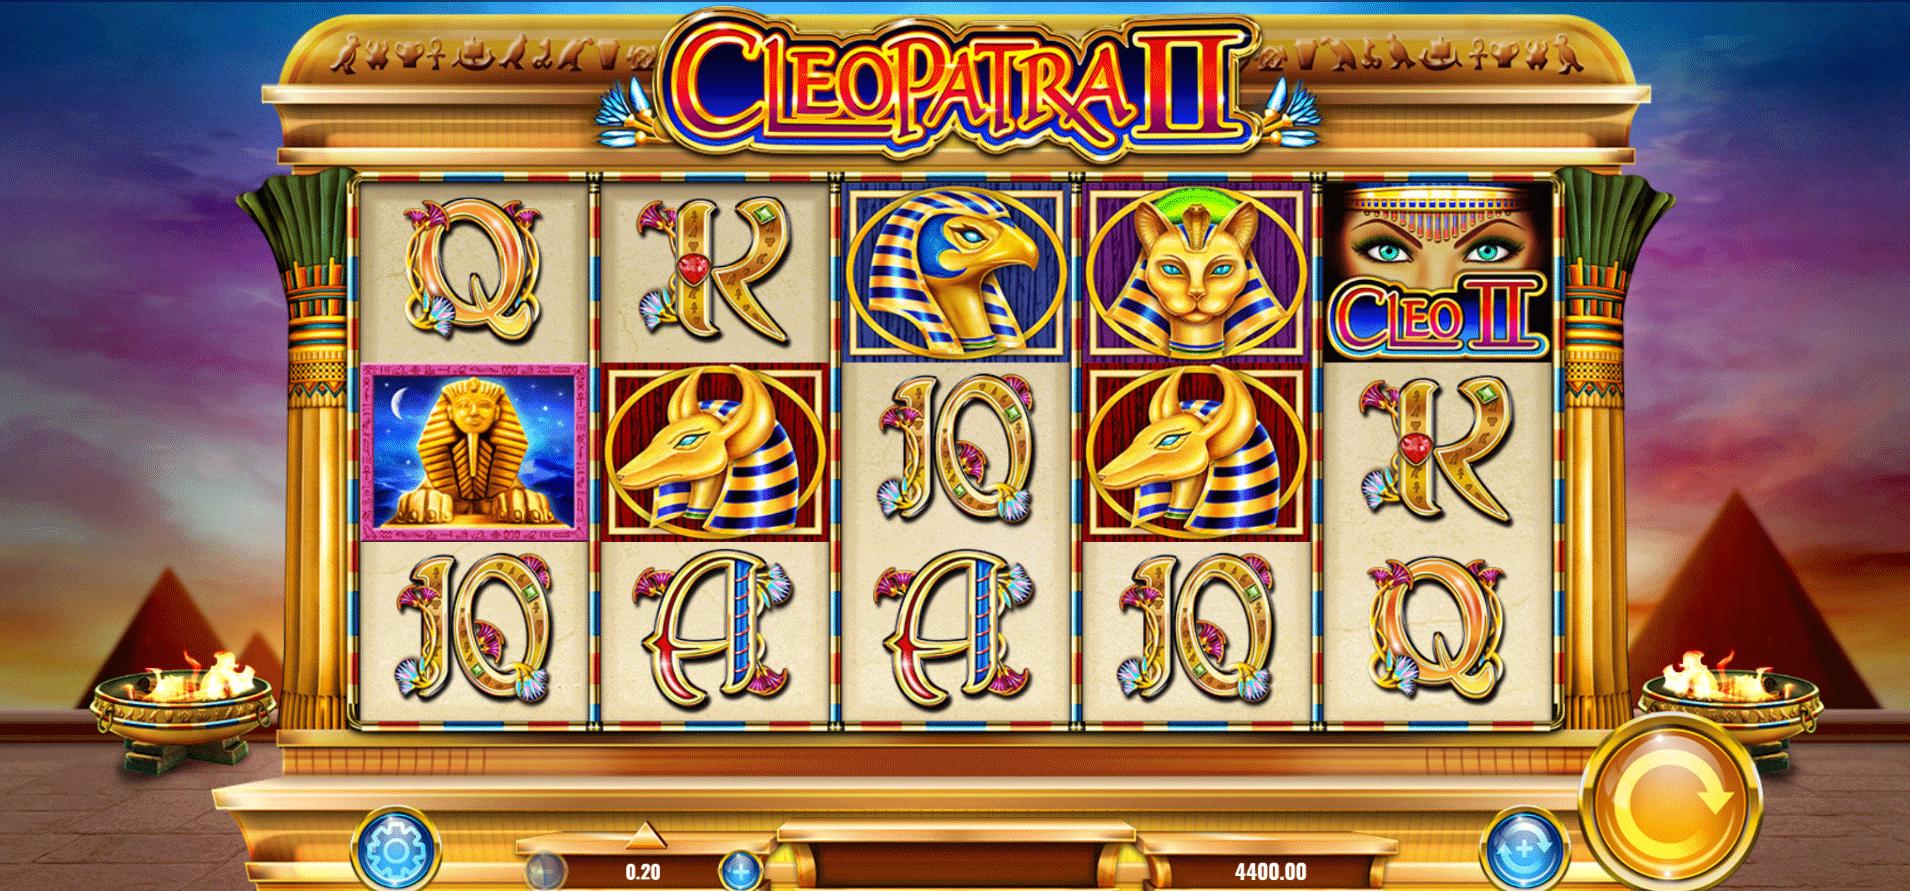 Slot Cleopatra II